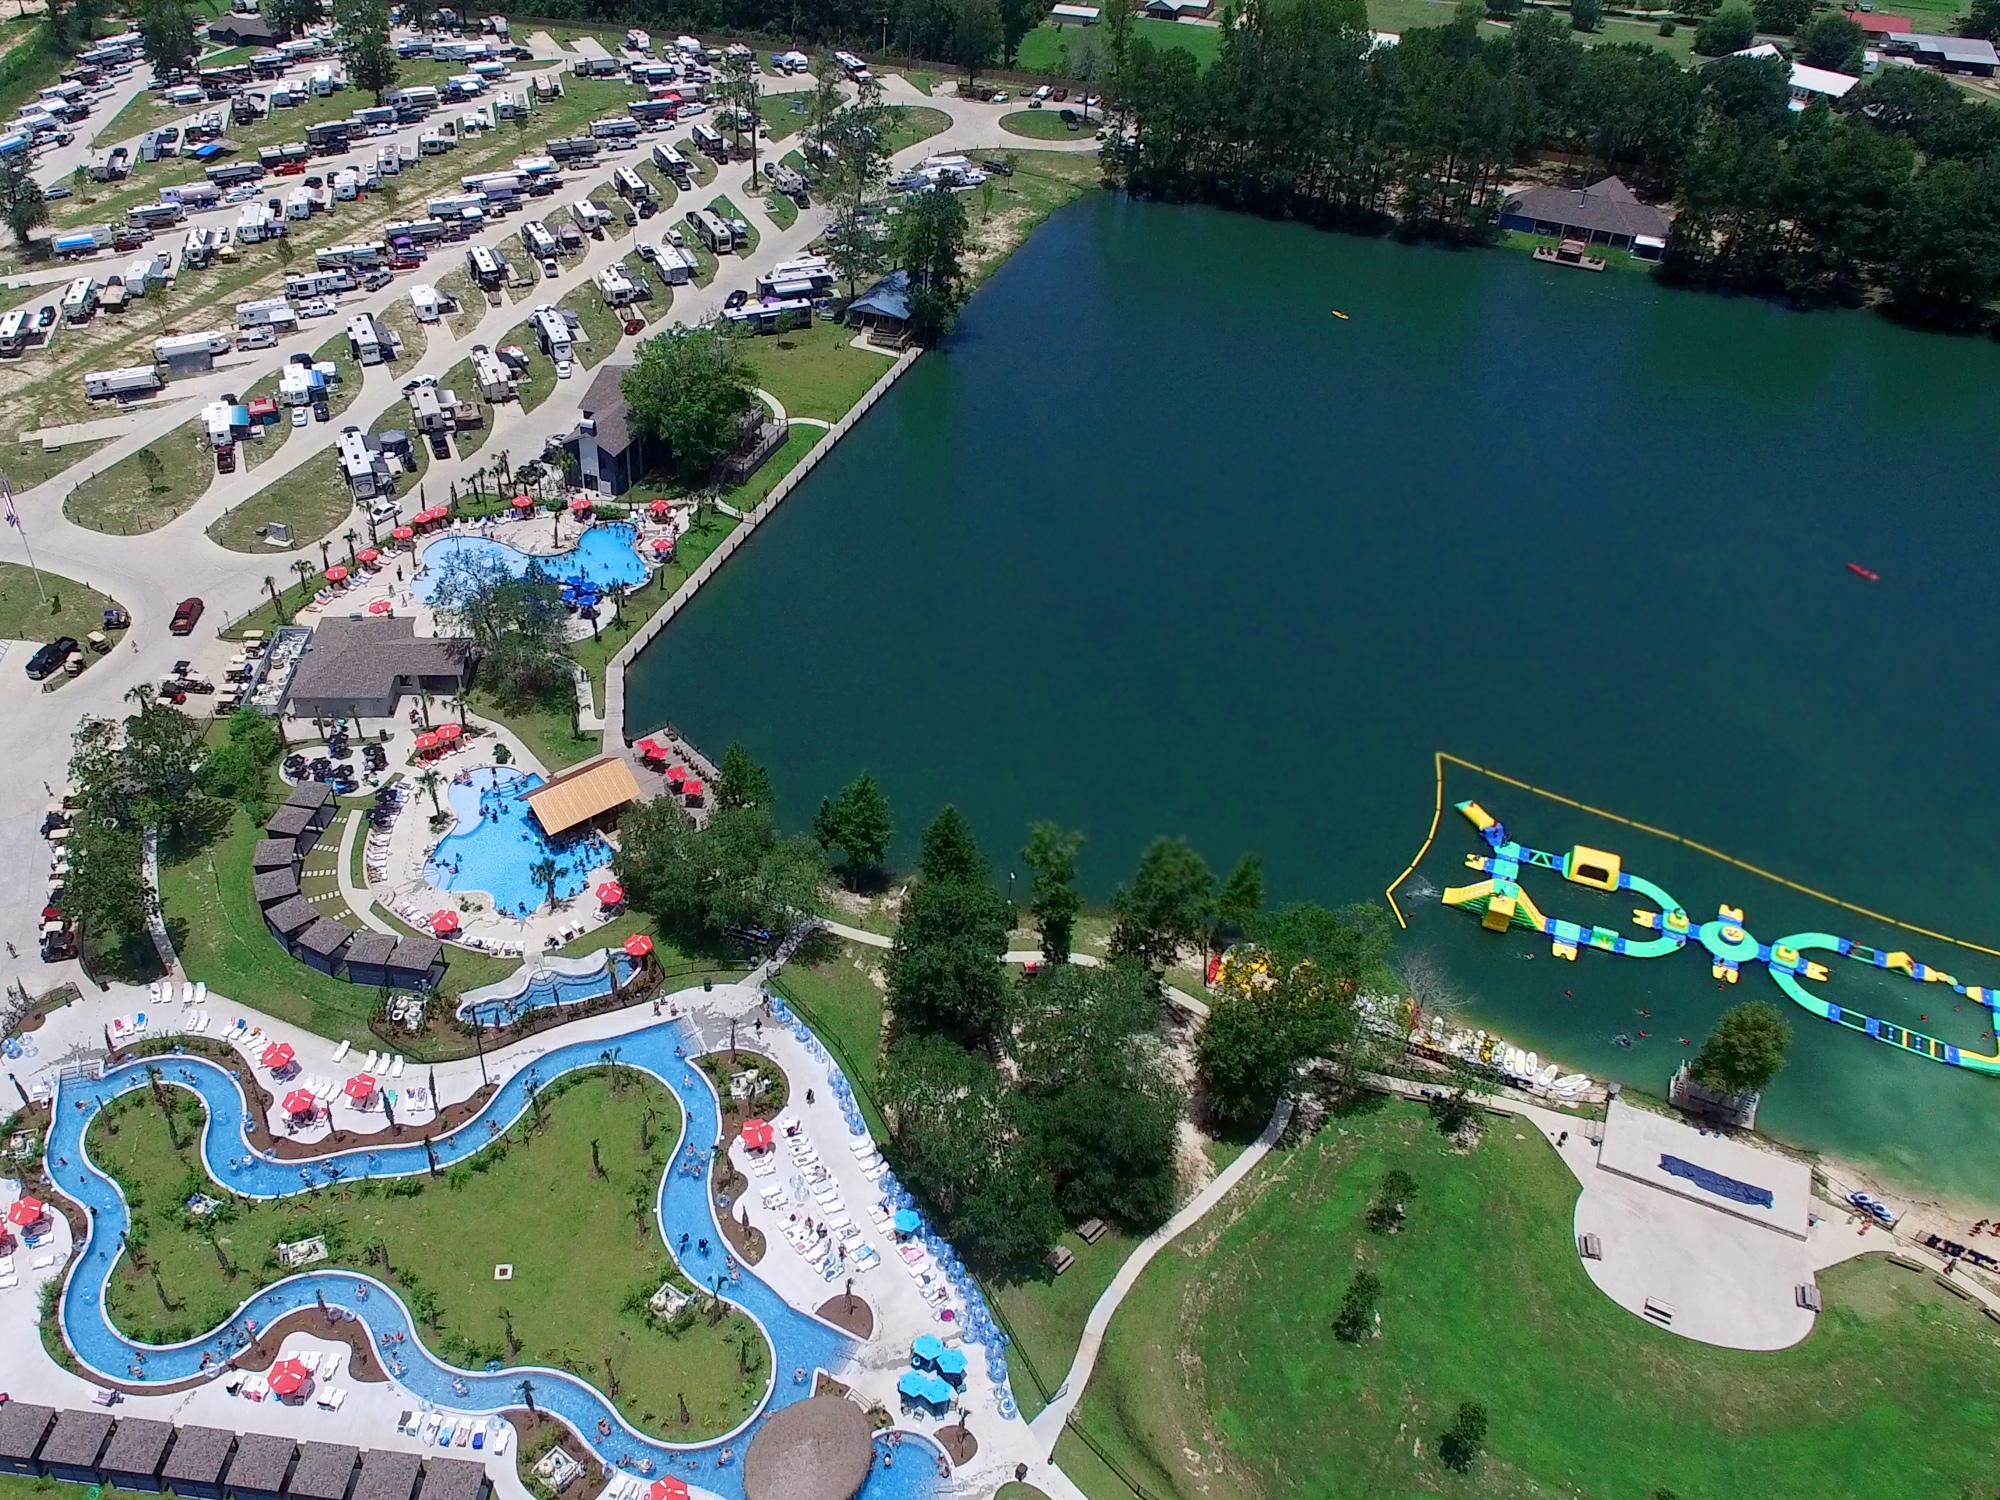 Reunion Lake RV Resort - aerial view